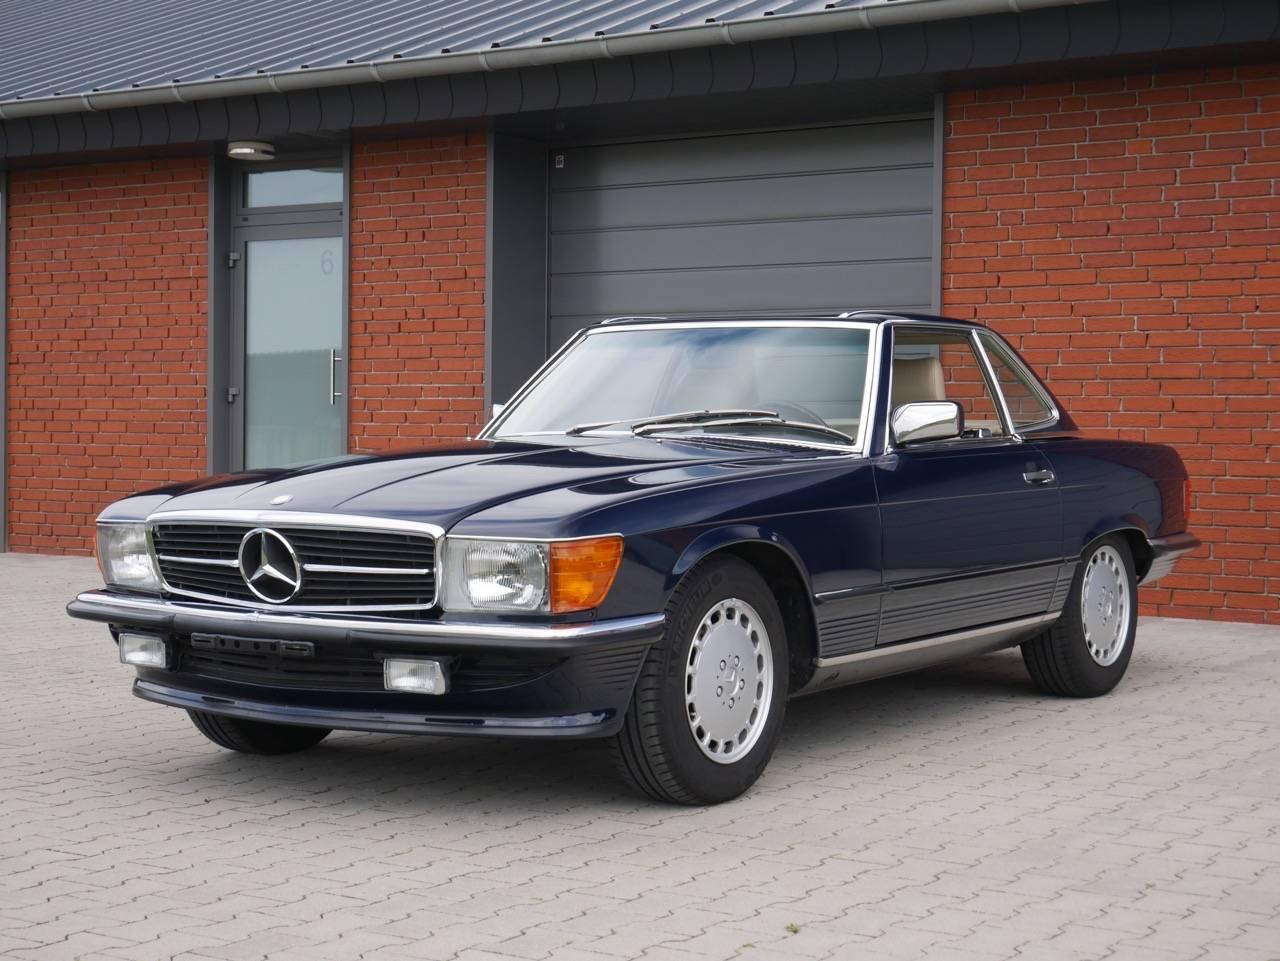 Mercedes 300 Sl Kaufen : mercedes benz 300 sl 1988 f r eur kaufen ~ Aude.kayakingforconservation.com Haus und Dekorationen